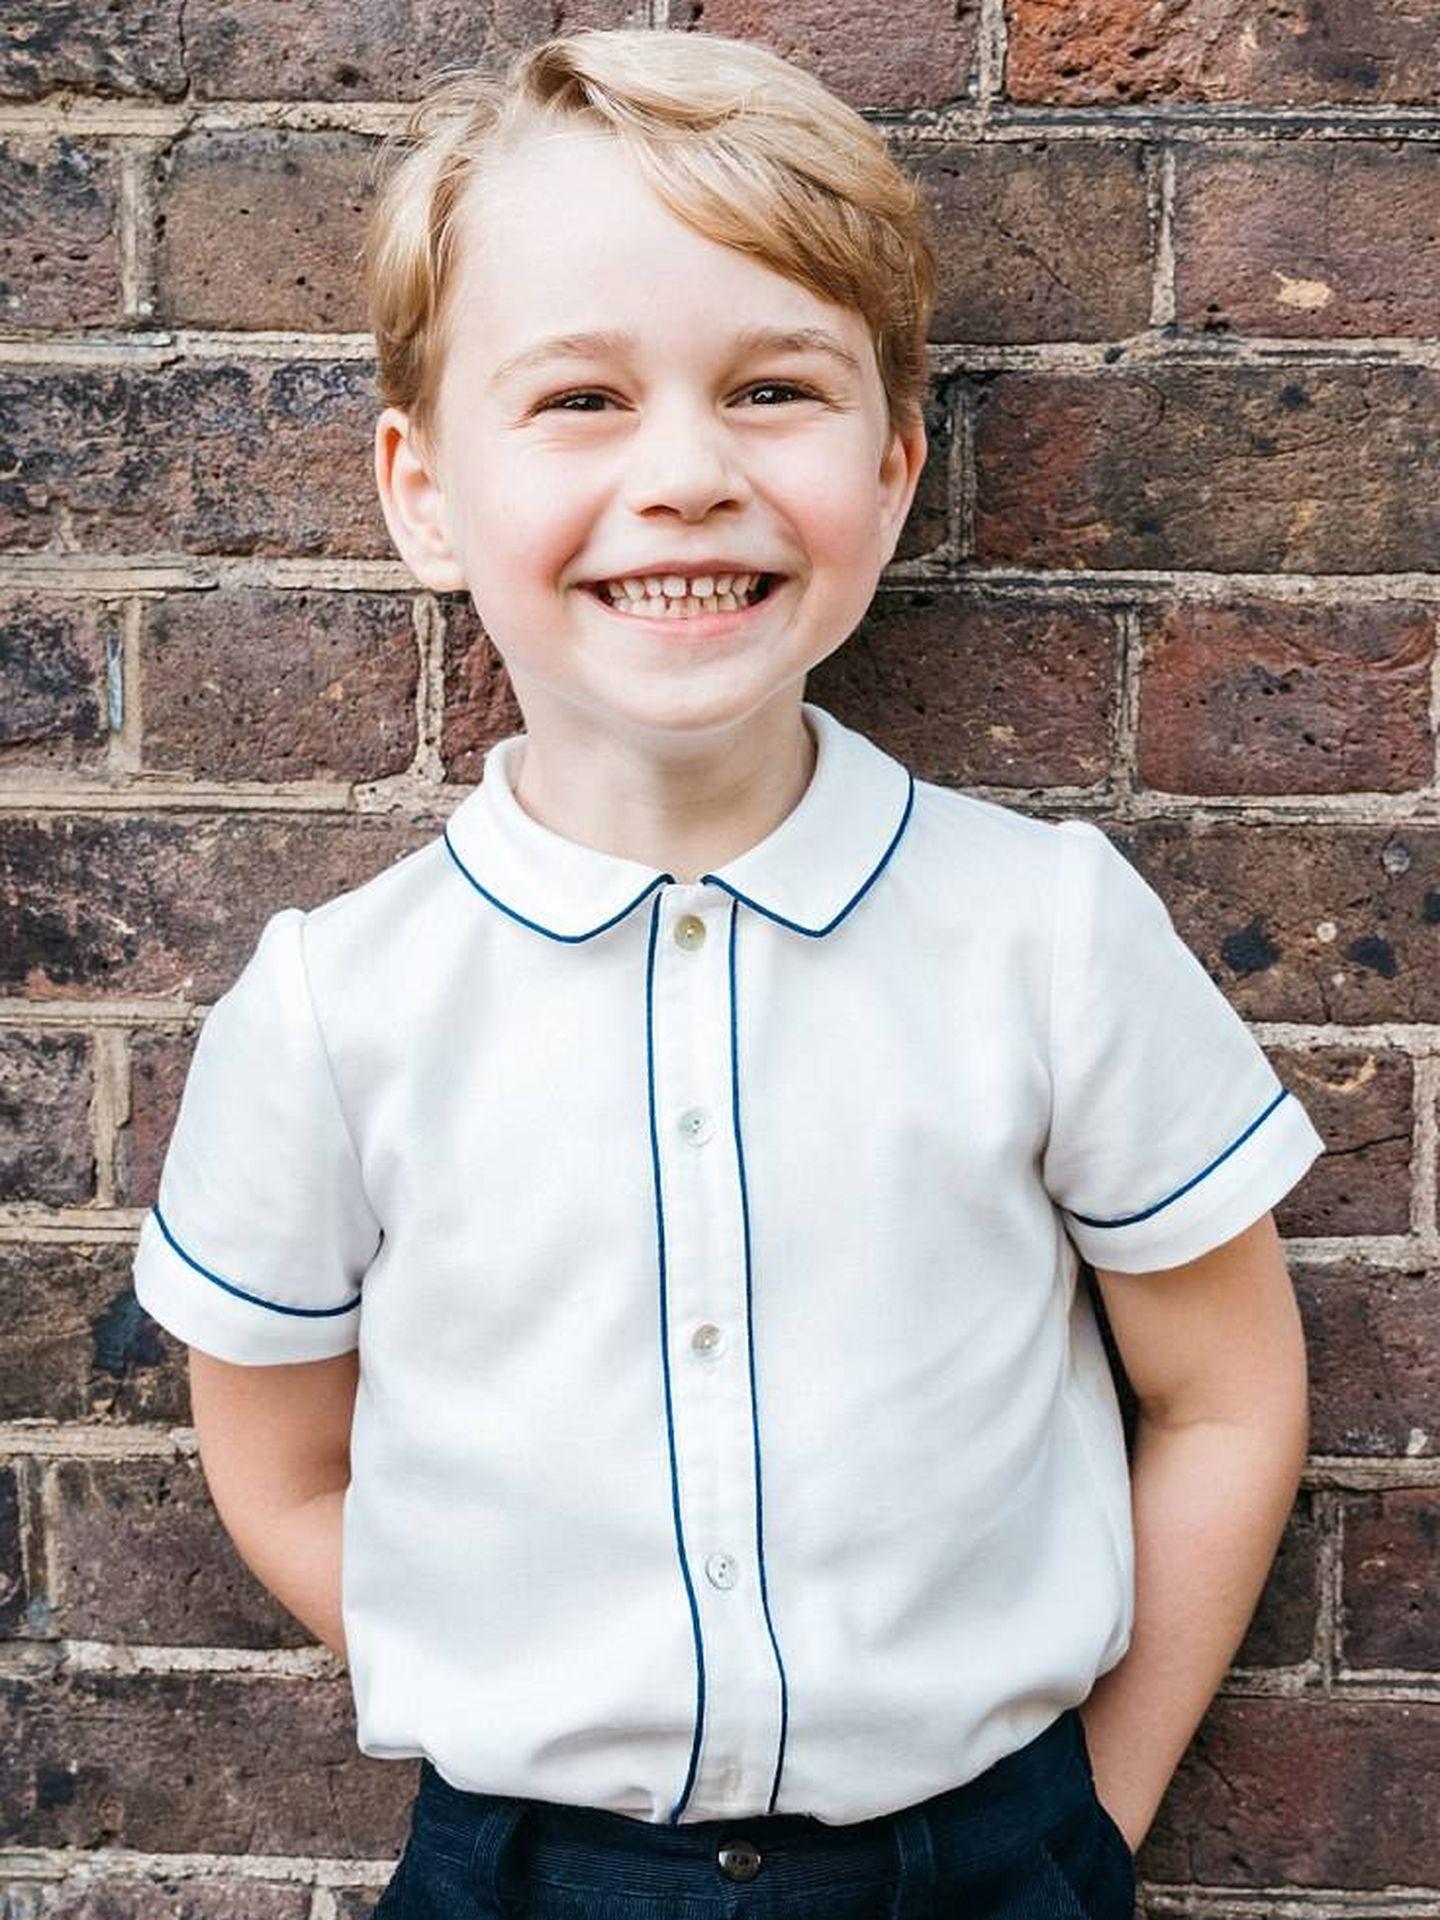 El príncipe George en una imagen de archivo. (Kensington Palace)